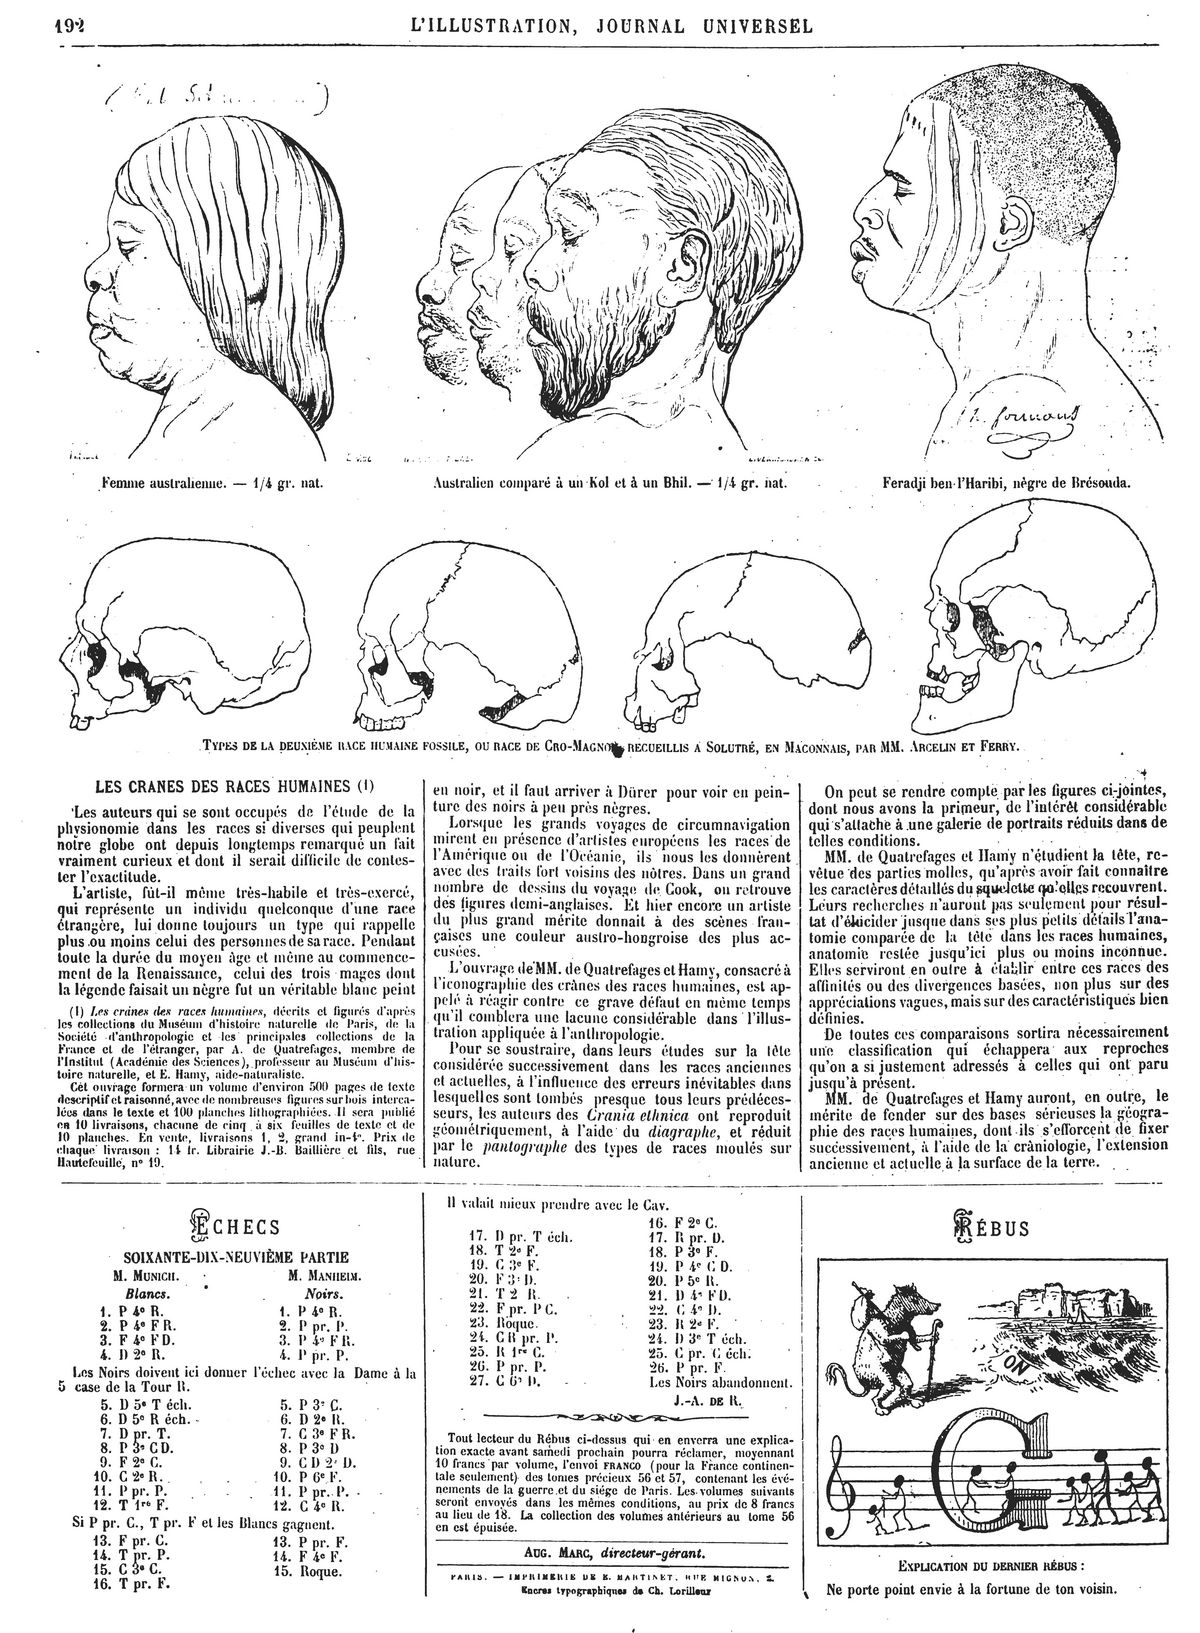 Les crânes des races humaines (7 gravures}. Gravure 1874